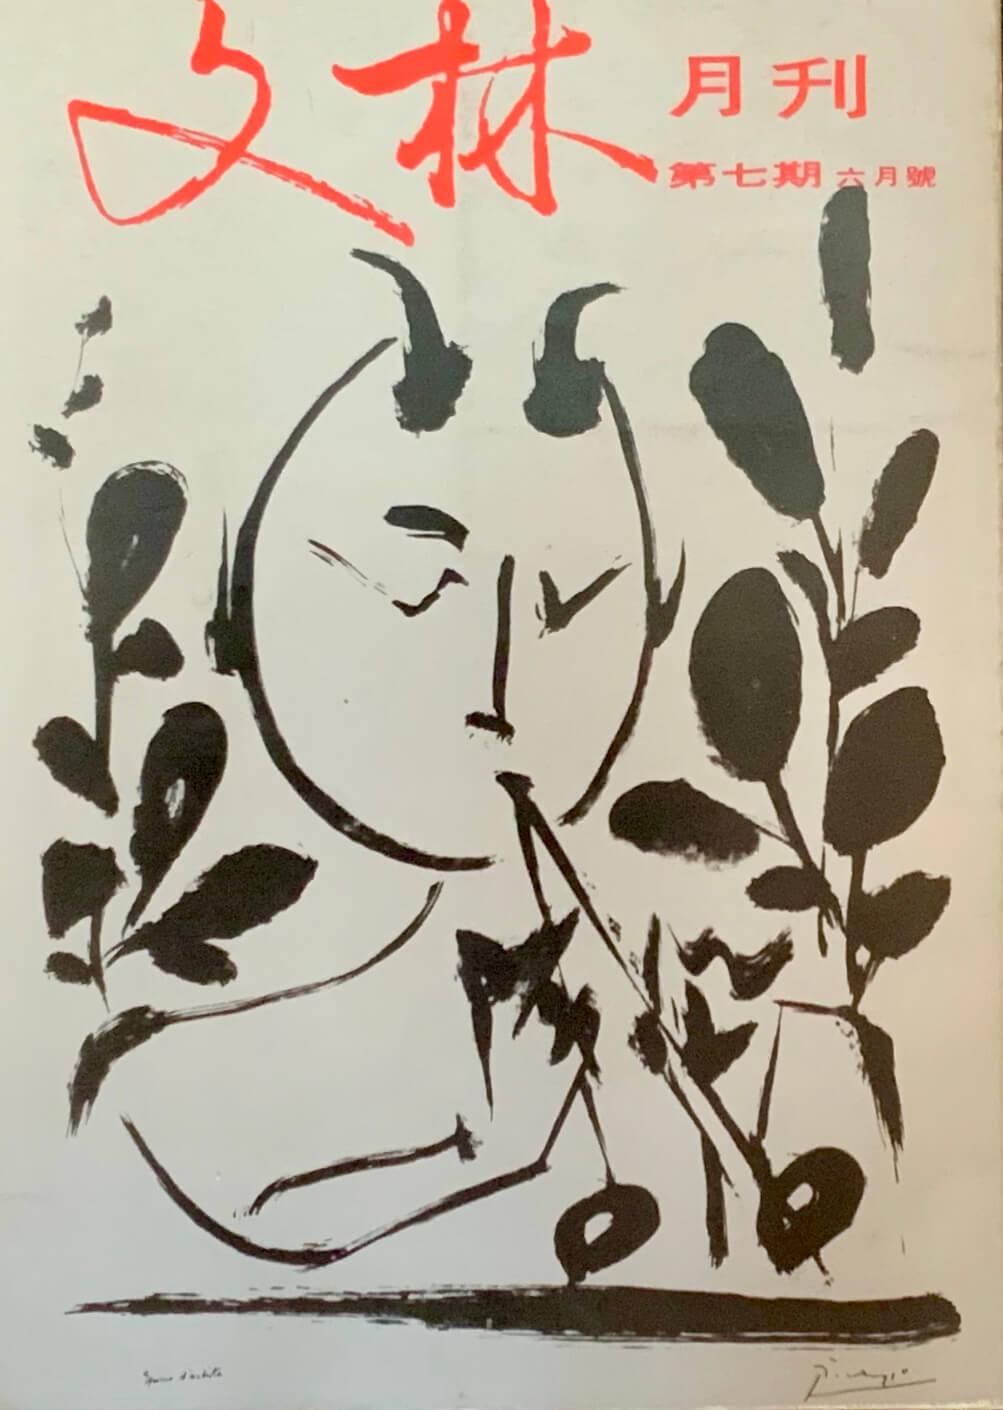 《文林月刊》第七期 一九七三年六月,《葉叢中的牧神》畢加索畫。